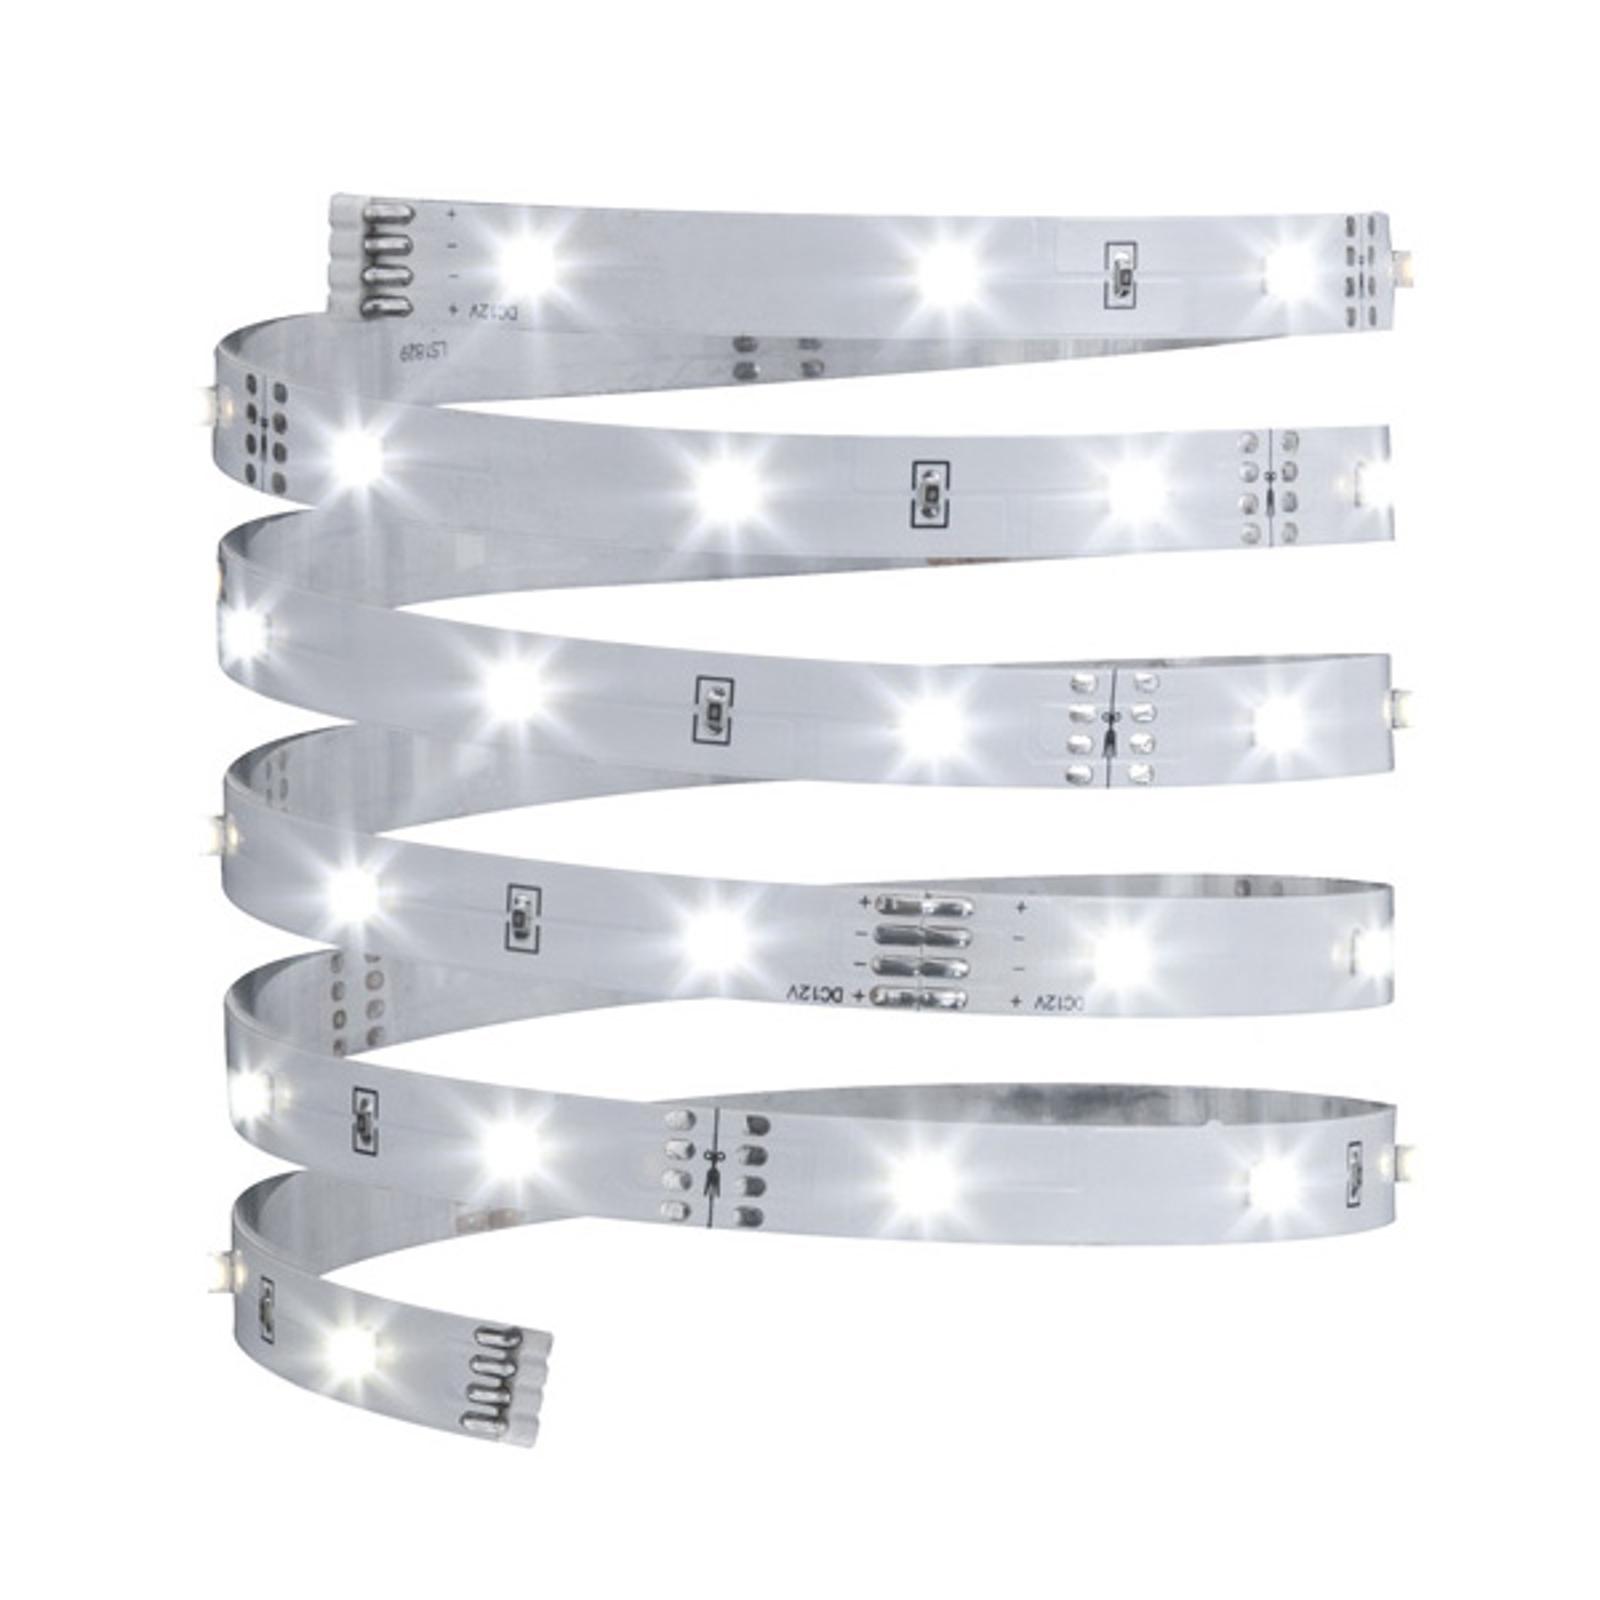 Bande LED YourLED Eco de 3 m, blanc neutre